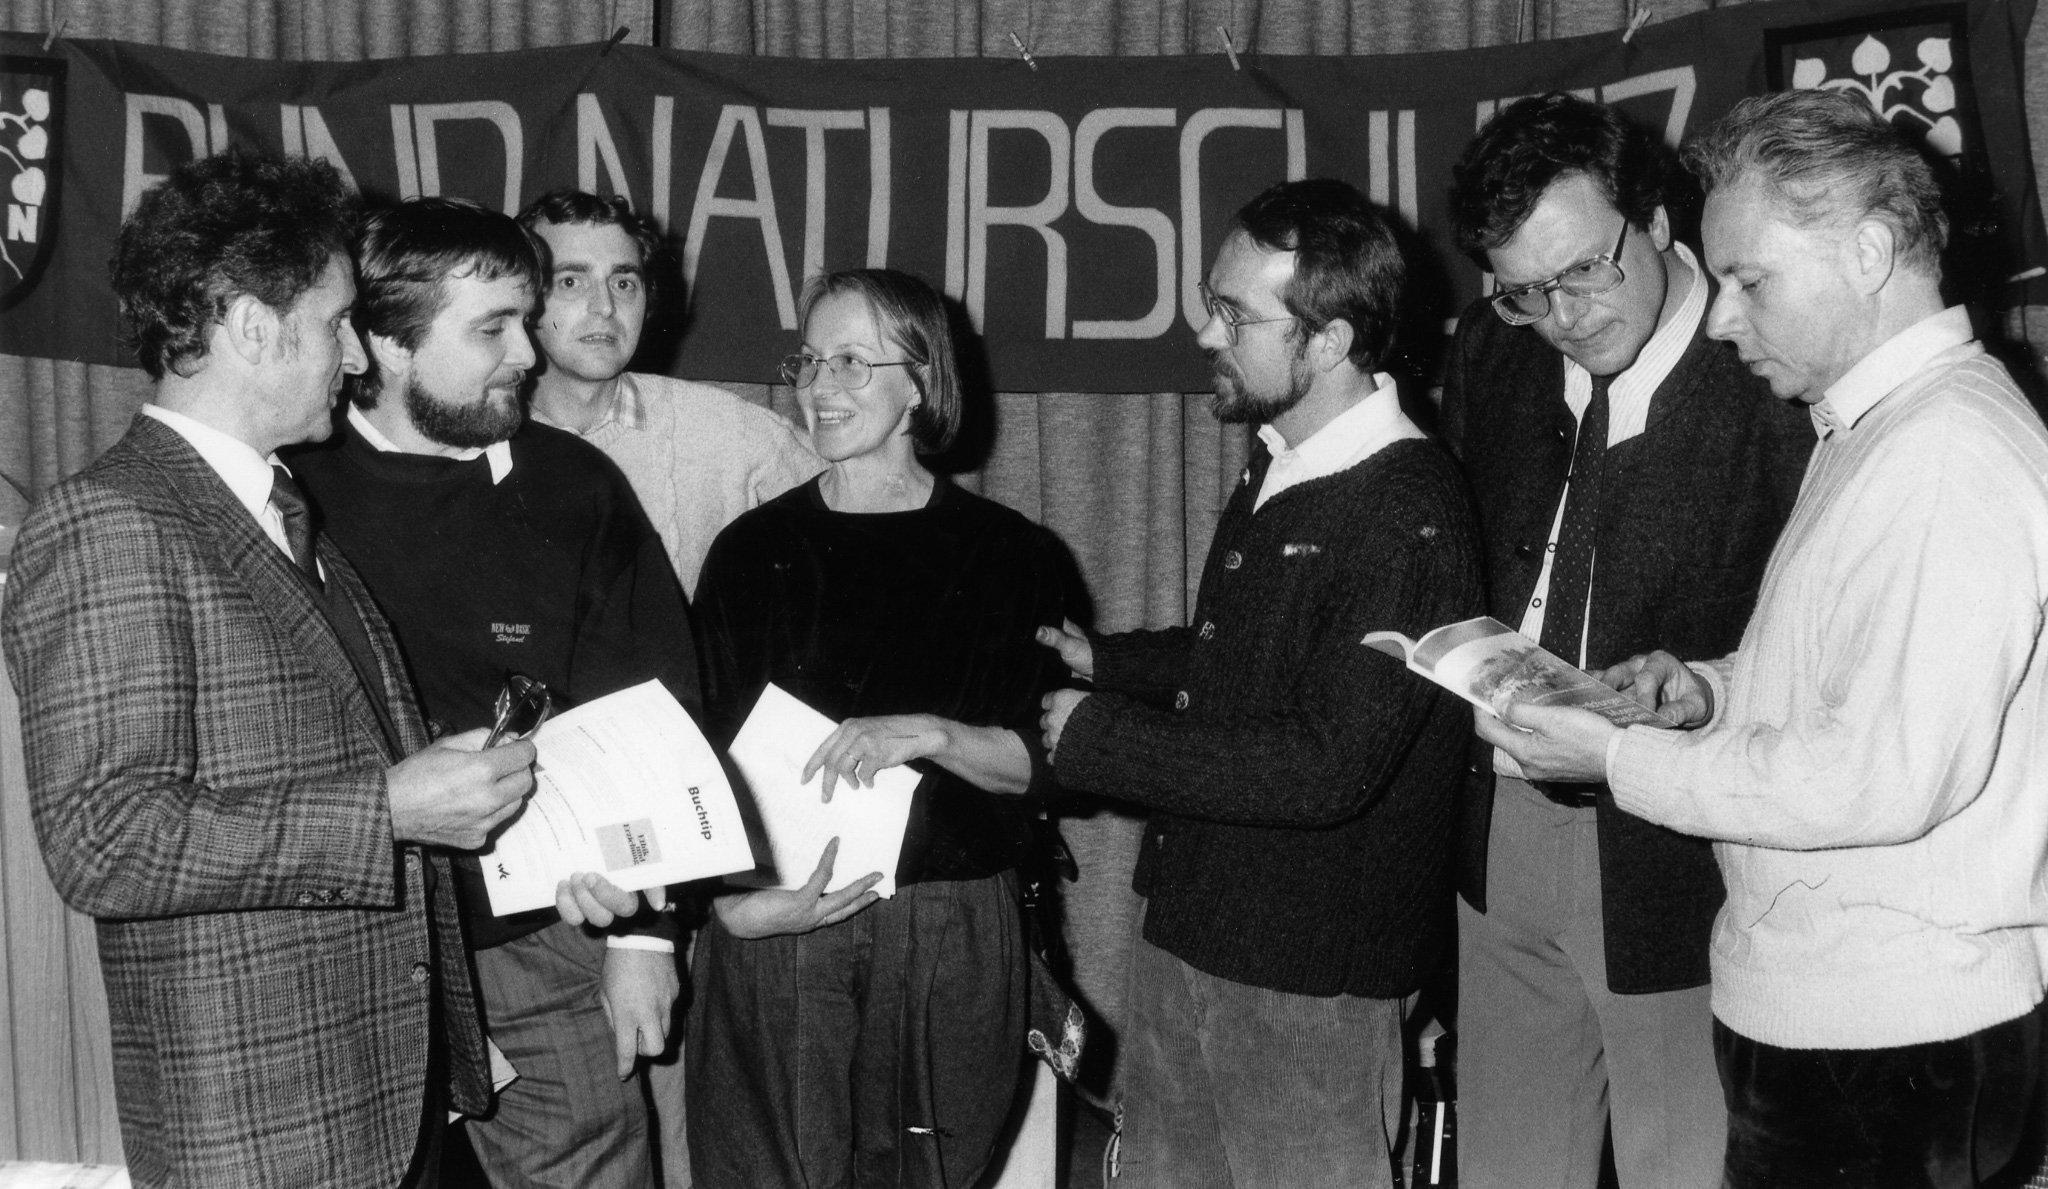 Das Bild zeigt eine Gruppe von Menschen, es ist eines der ersten Treffen von Umweltschützern aus Ost und West.